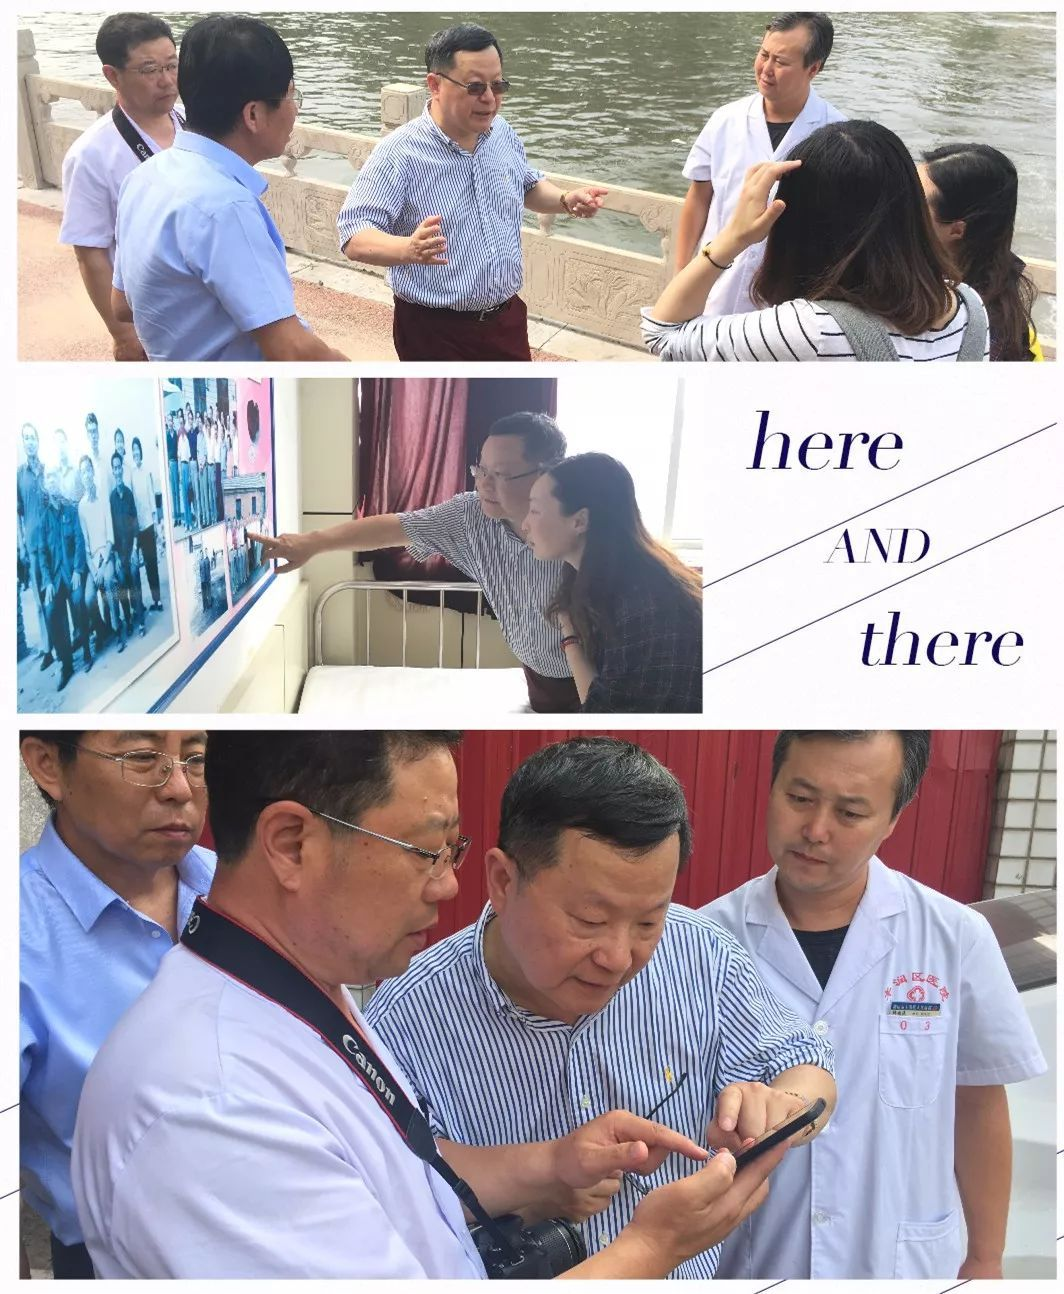 """【记忆不灭 · 真情永续】上海医疗志愿队再走唐山路,传承赈灾精神,传递""""心""""的希望"""